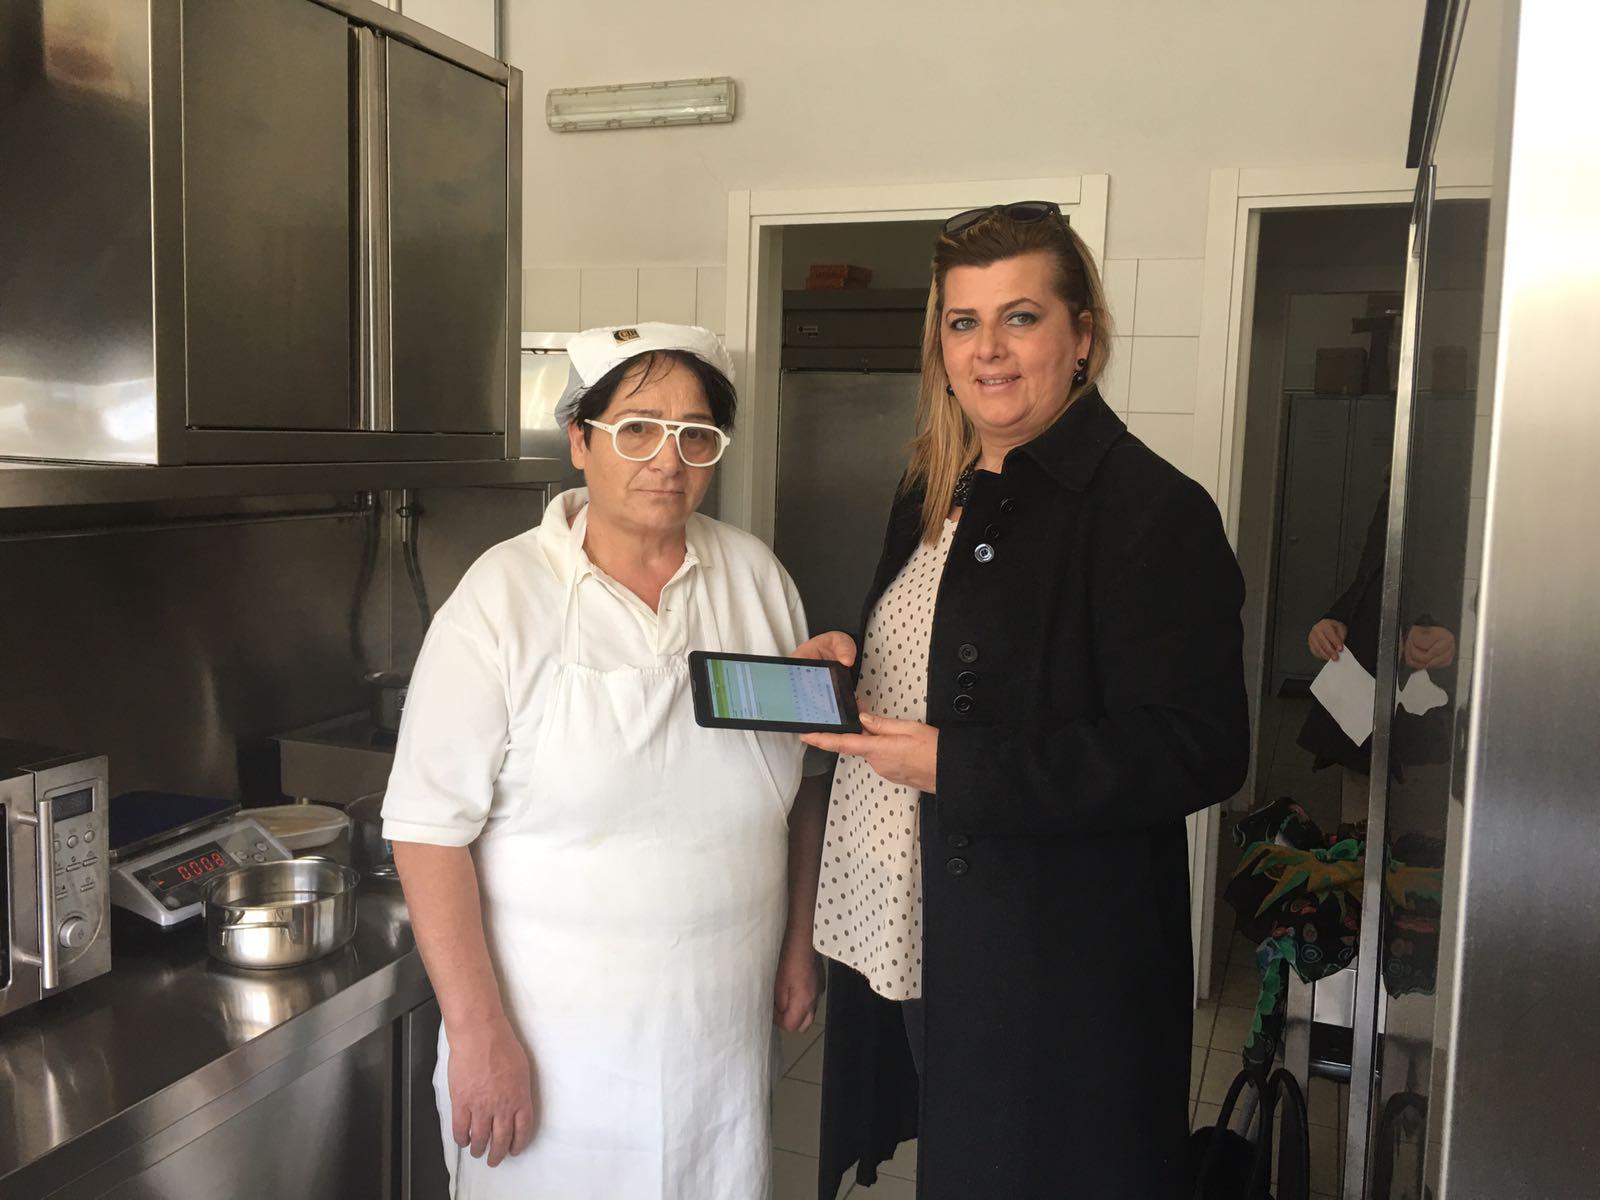 la vicesindaco Cameli con il nuovo tablet in dotazione alle cuoche